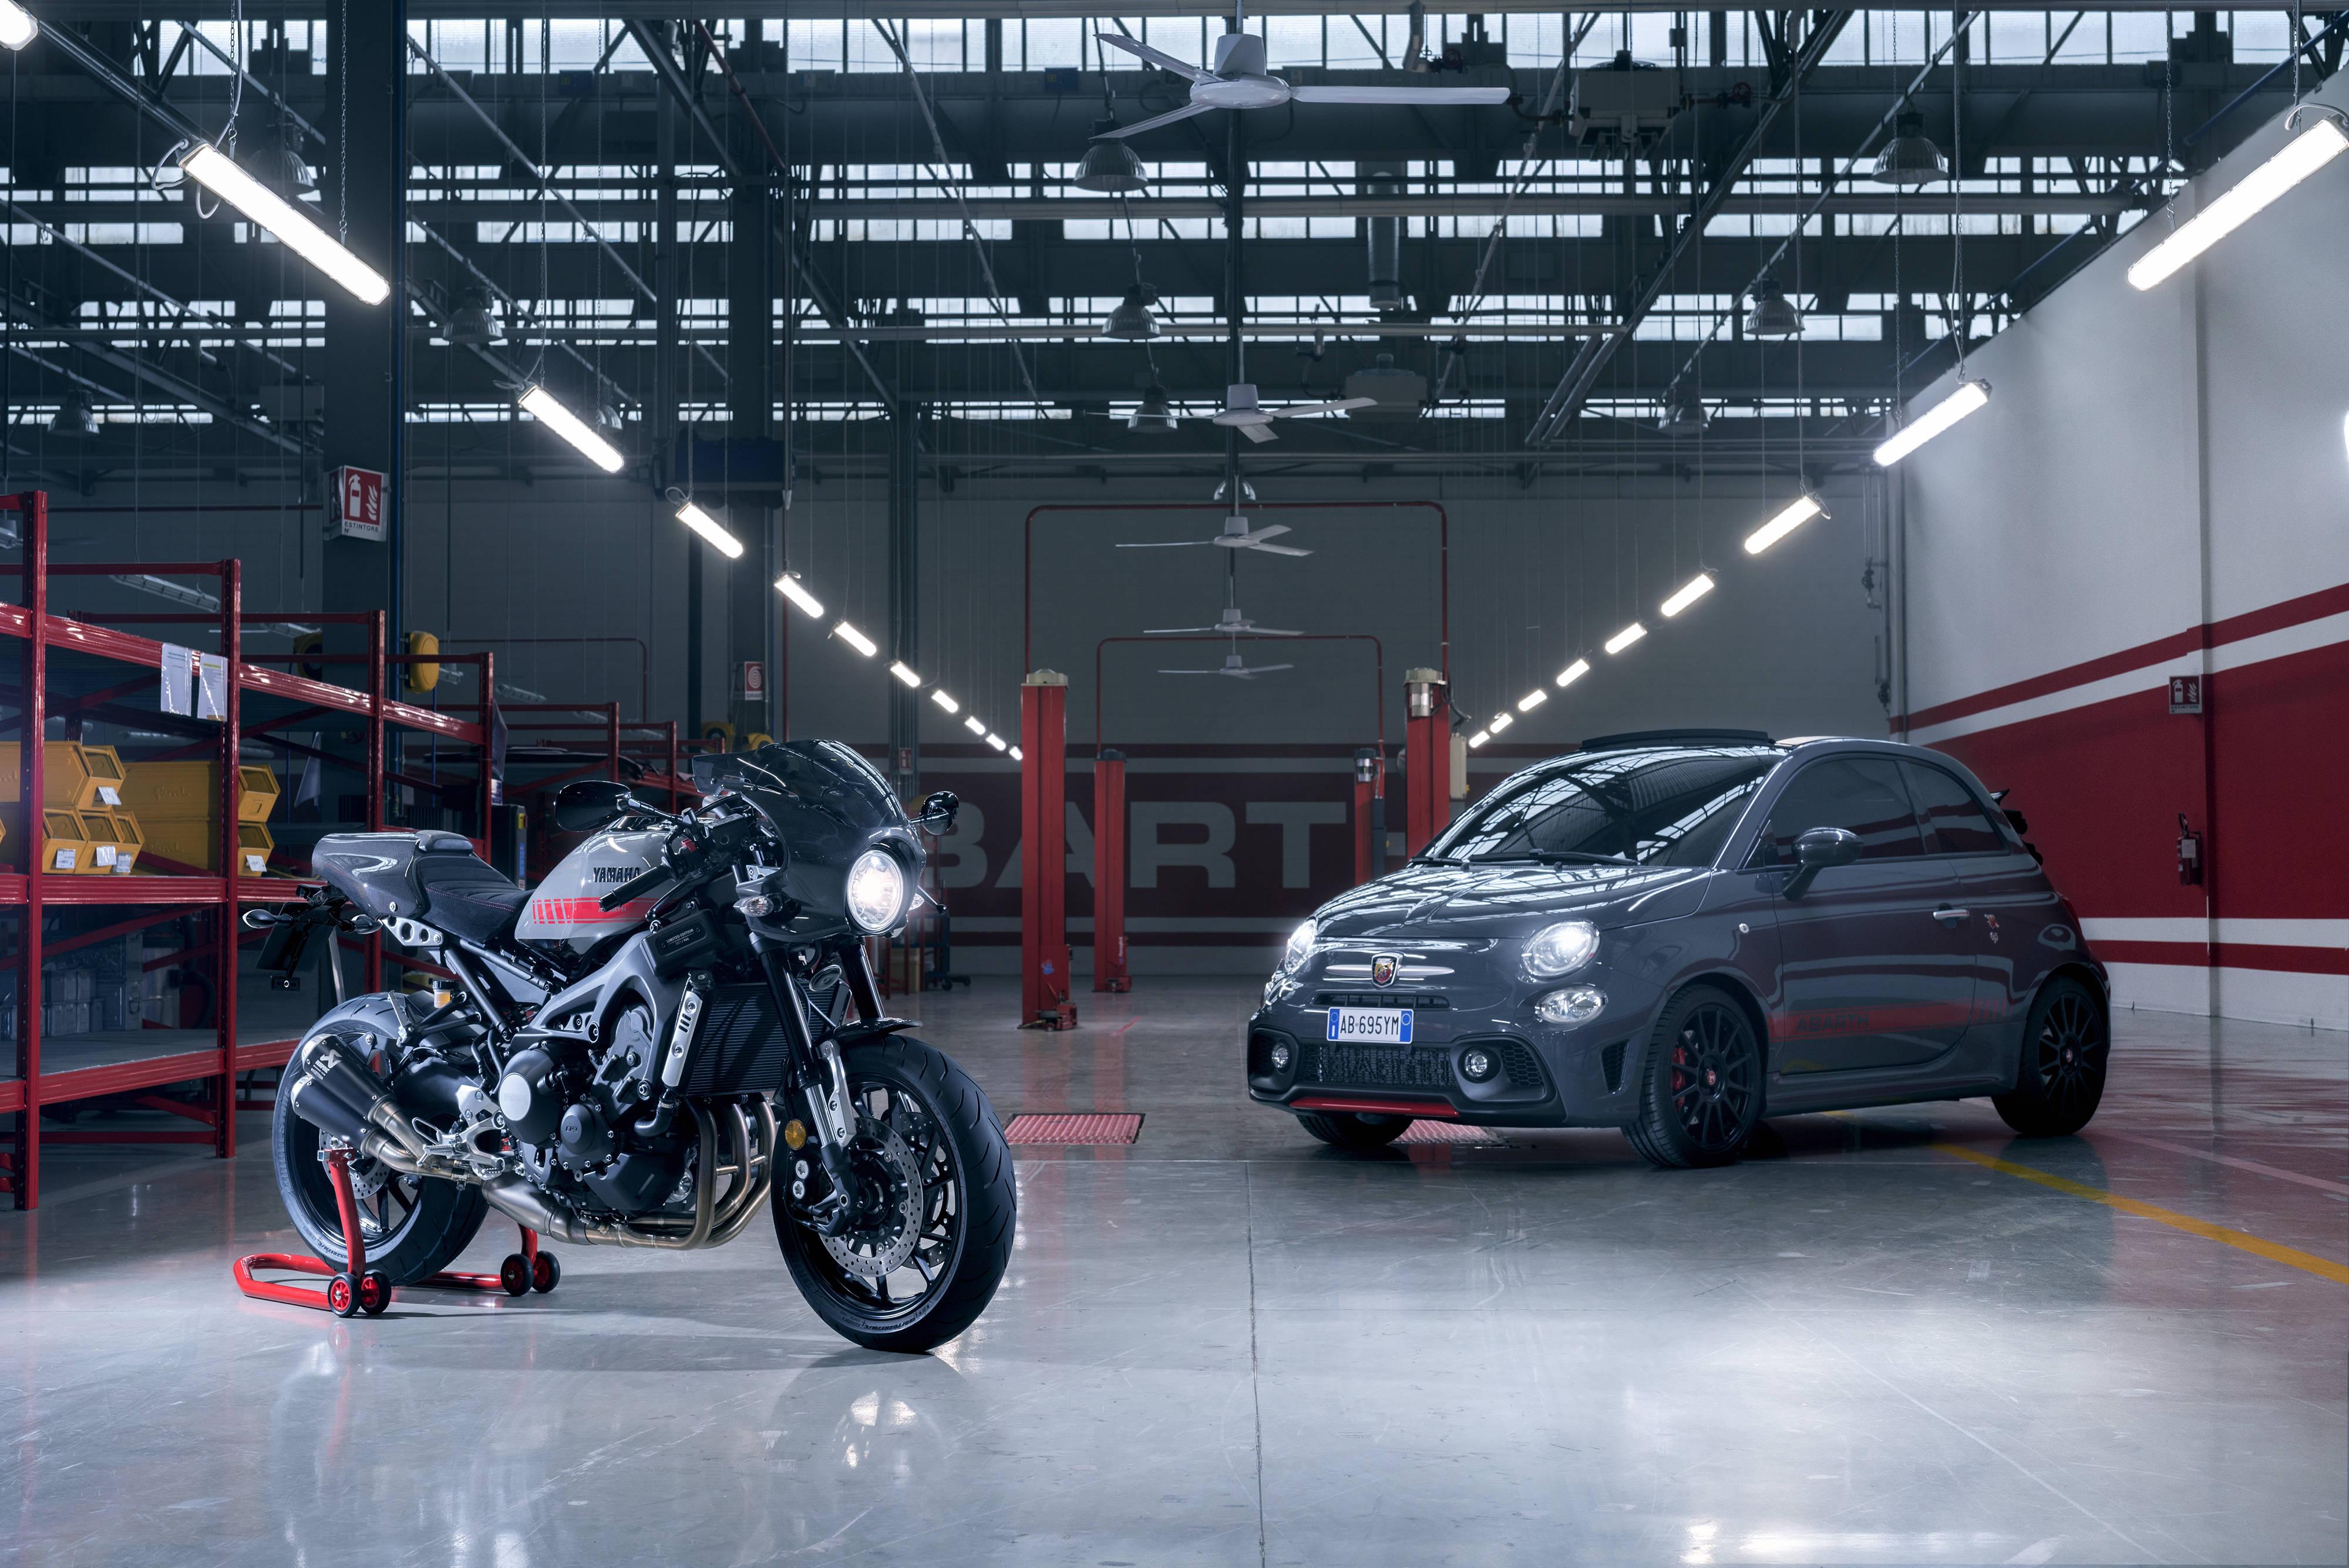 La nueva Yamaha XSR900 Abarth